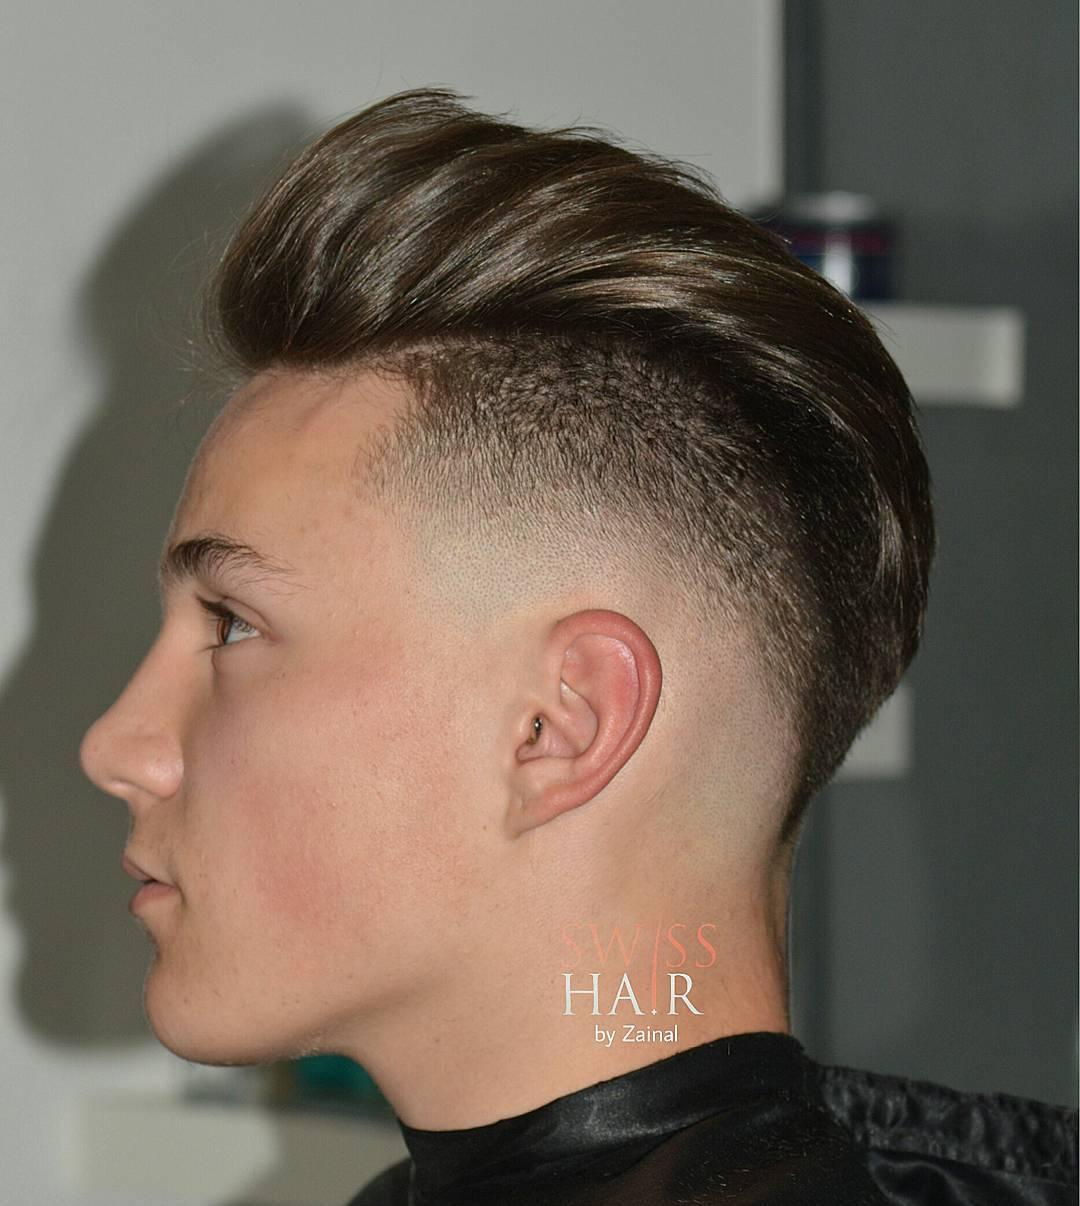 100 coupes de cheveux les plus populaires pour les hommes pour 2020 5f3f760128cc5 - 100+ coupes de cheveux les plus populaires pour les hommes pour 2020